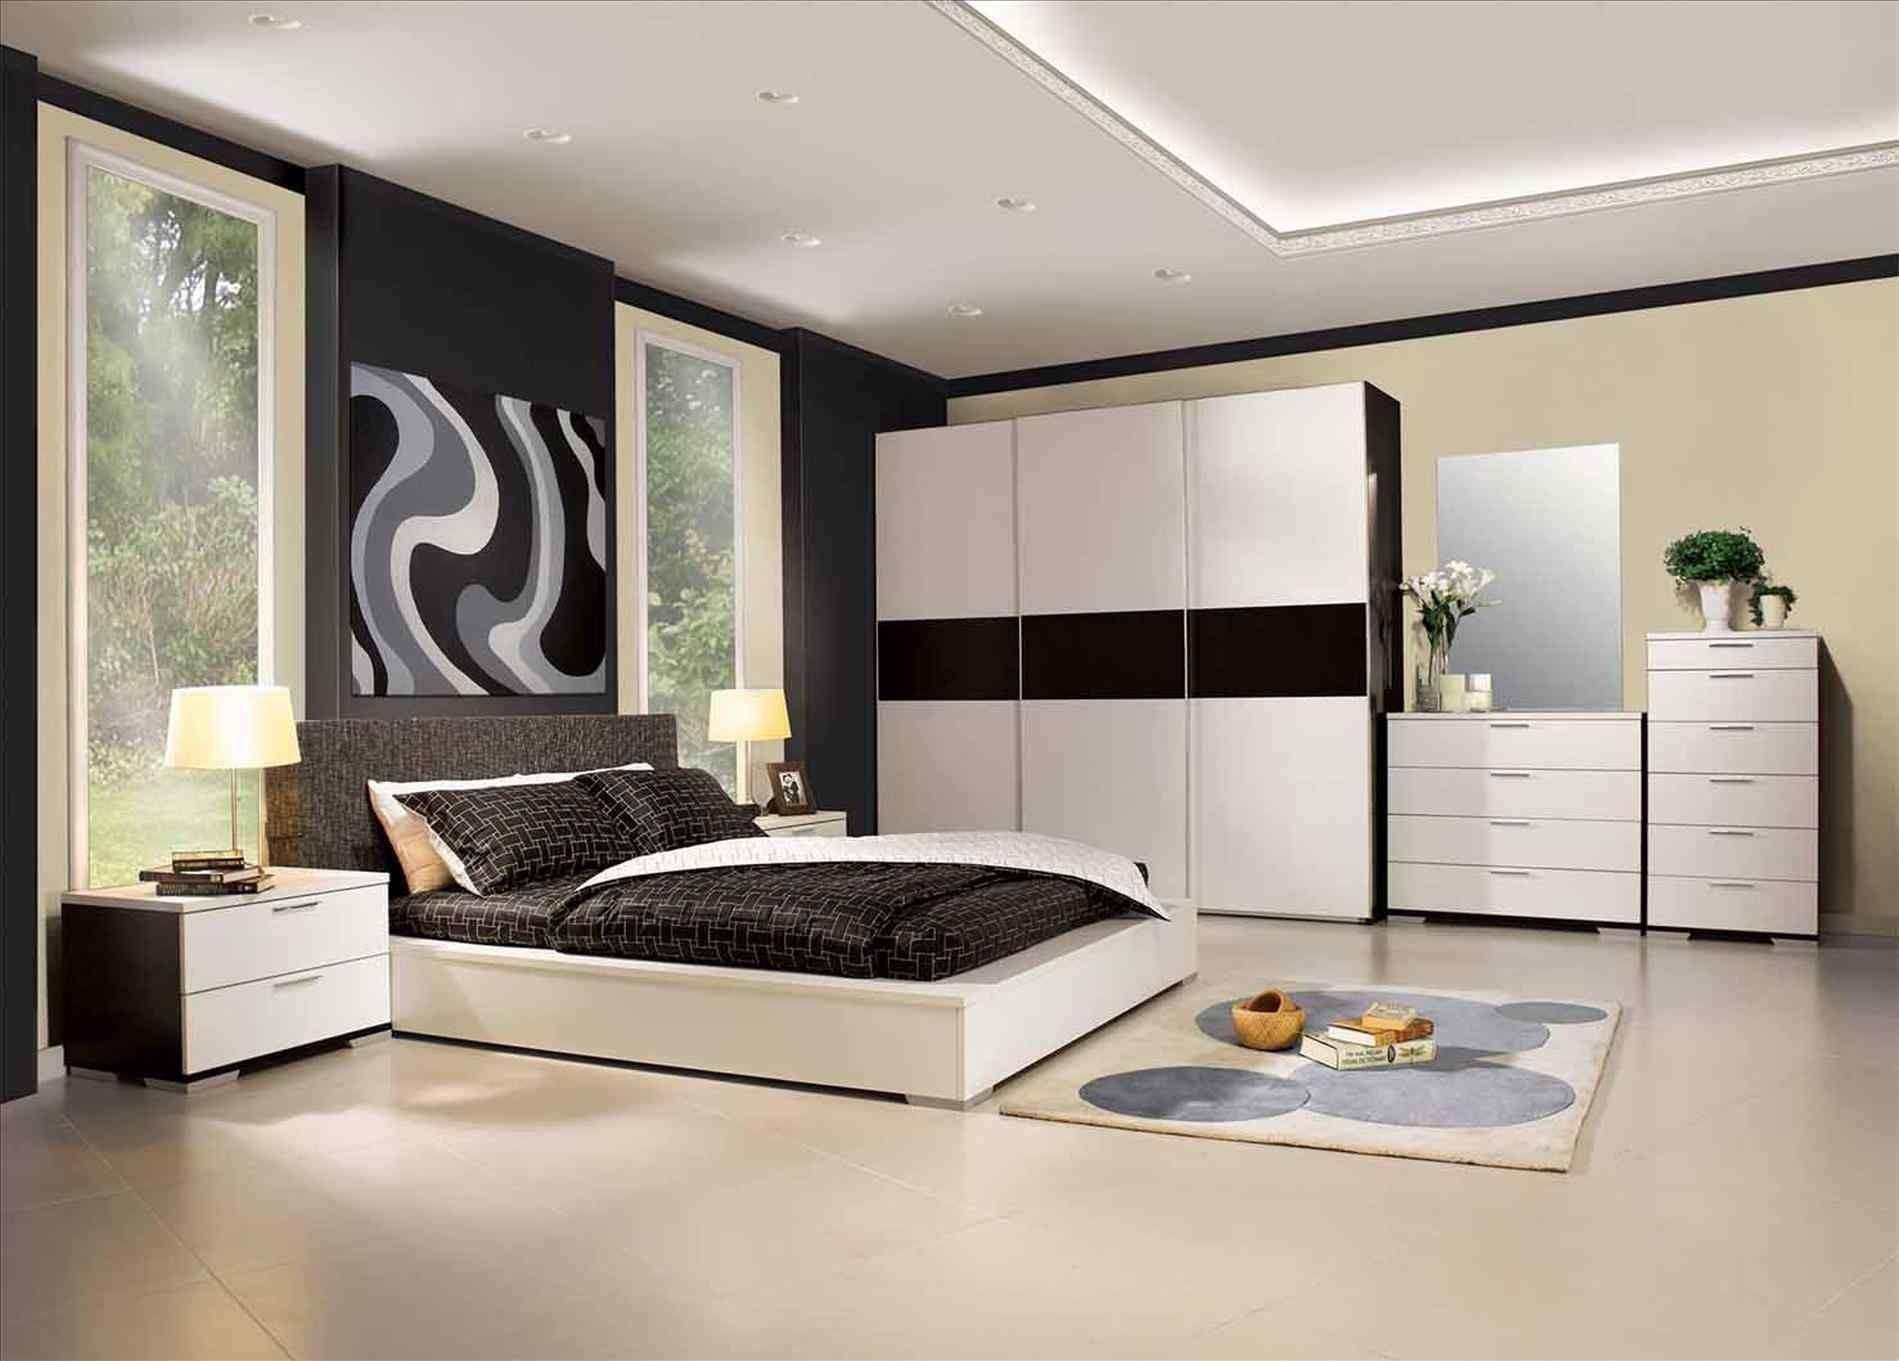 giường ngủ gỗ acrylic